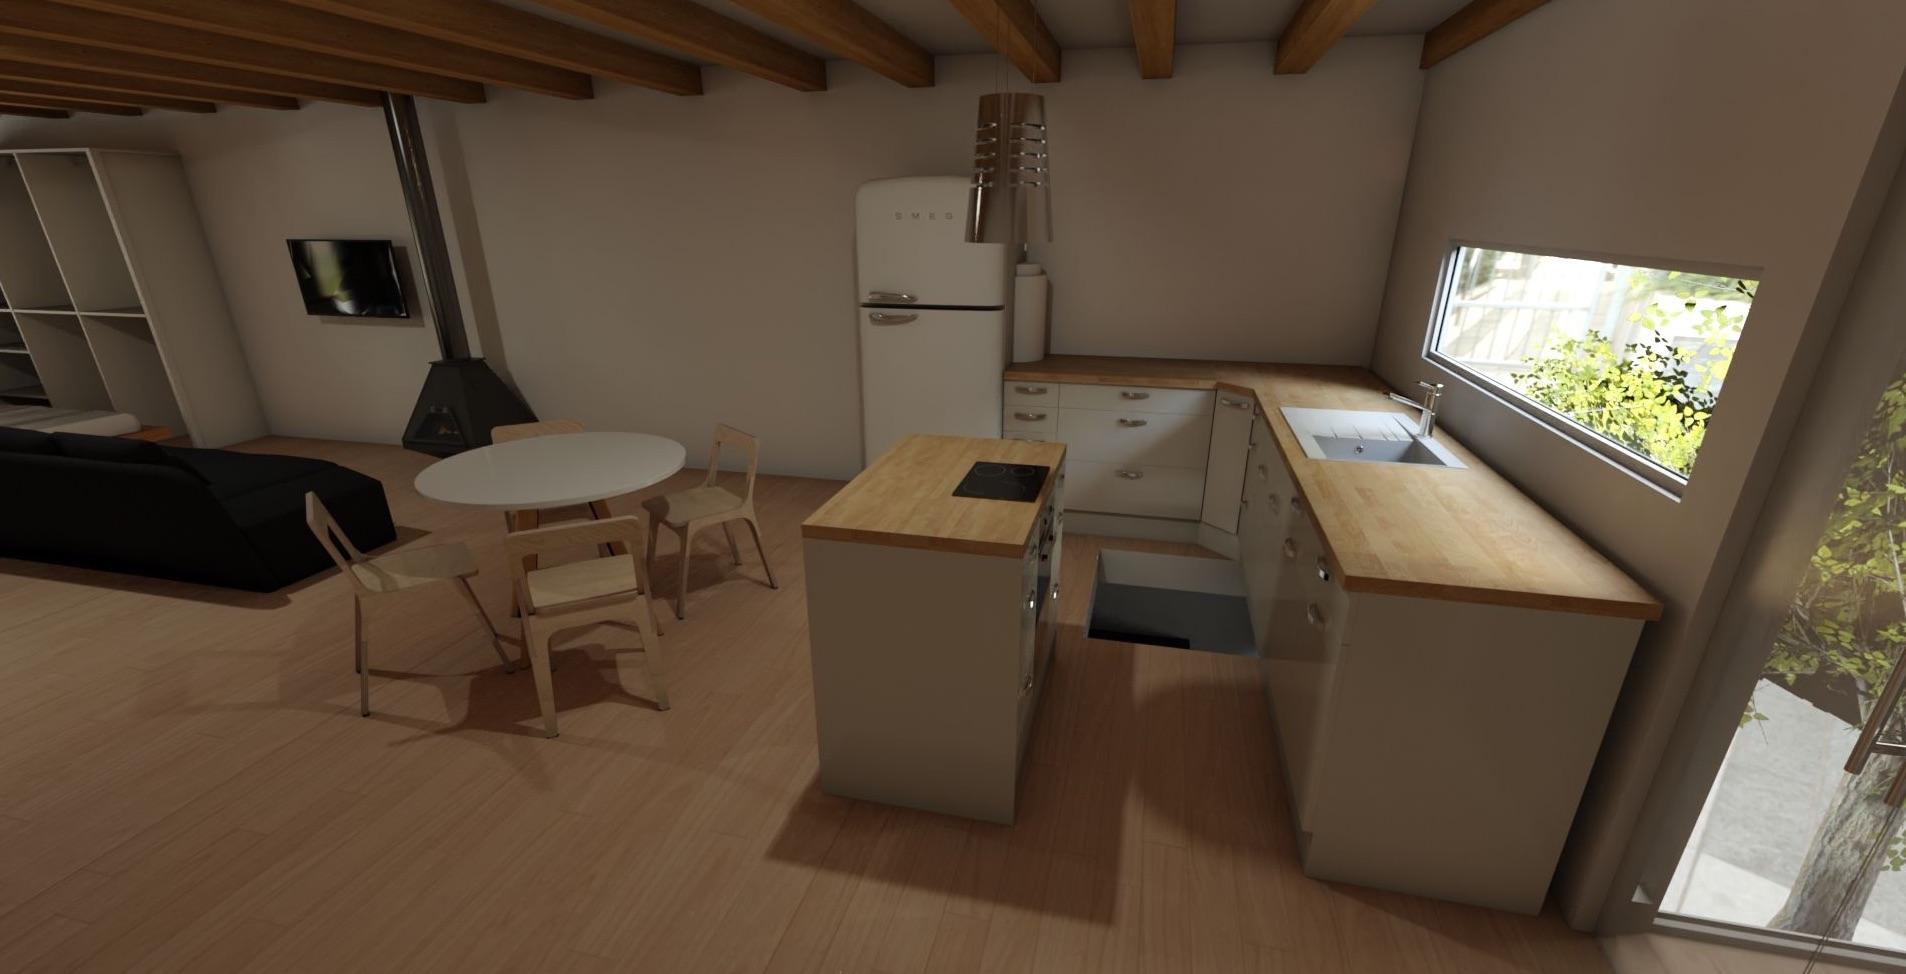 Pisoft 3D cocina